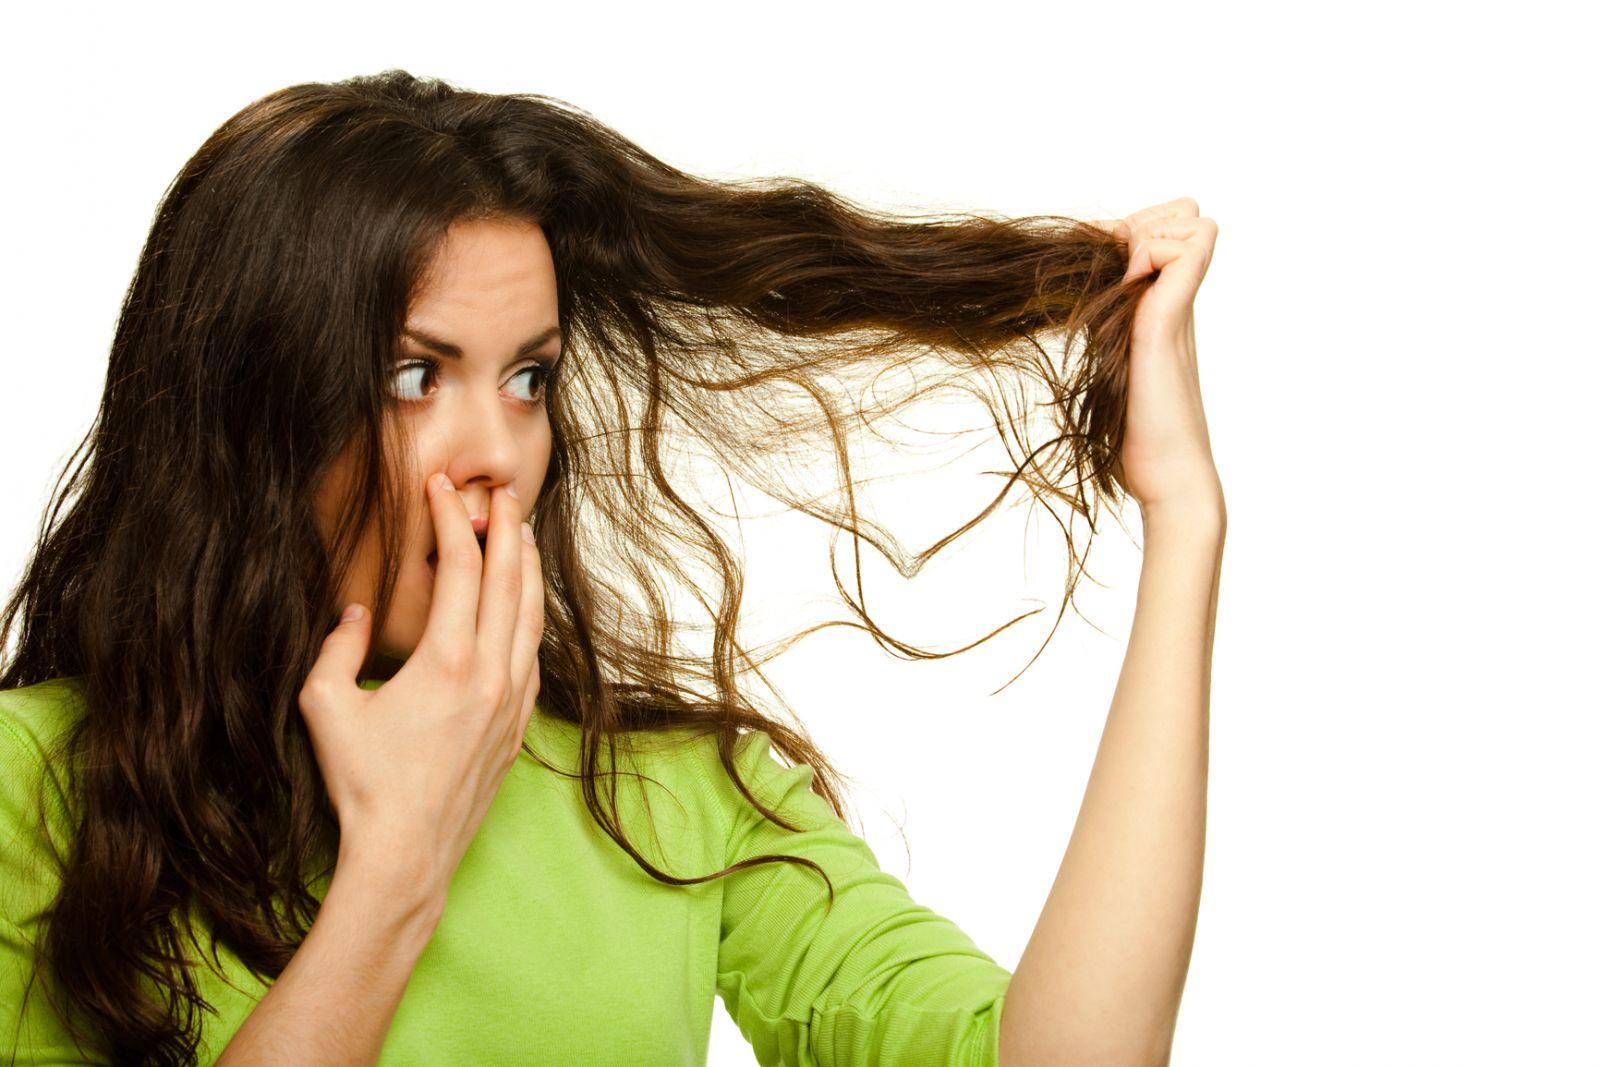 Удаление волос на лице навсегда в домашних условиях народными средствами